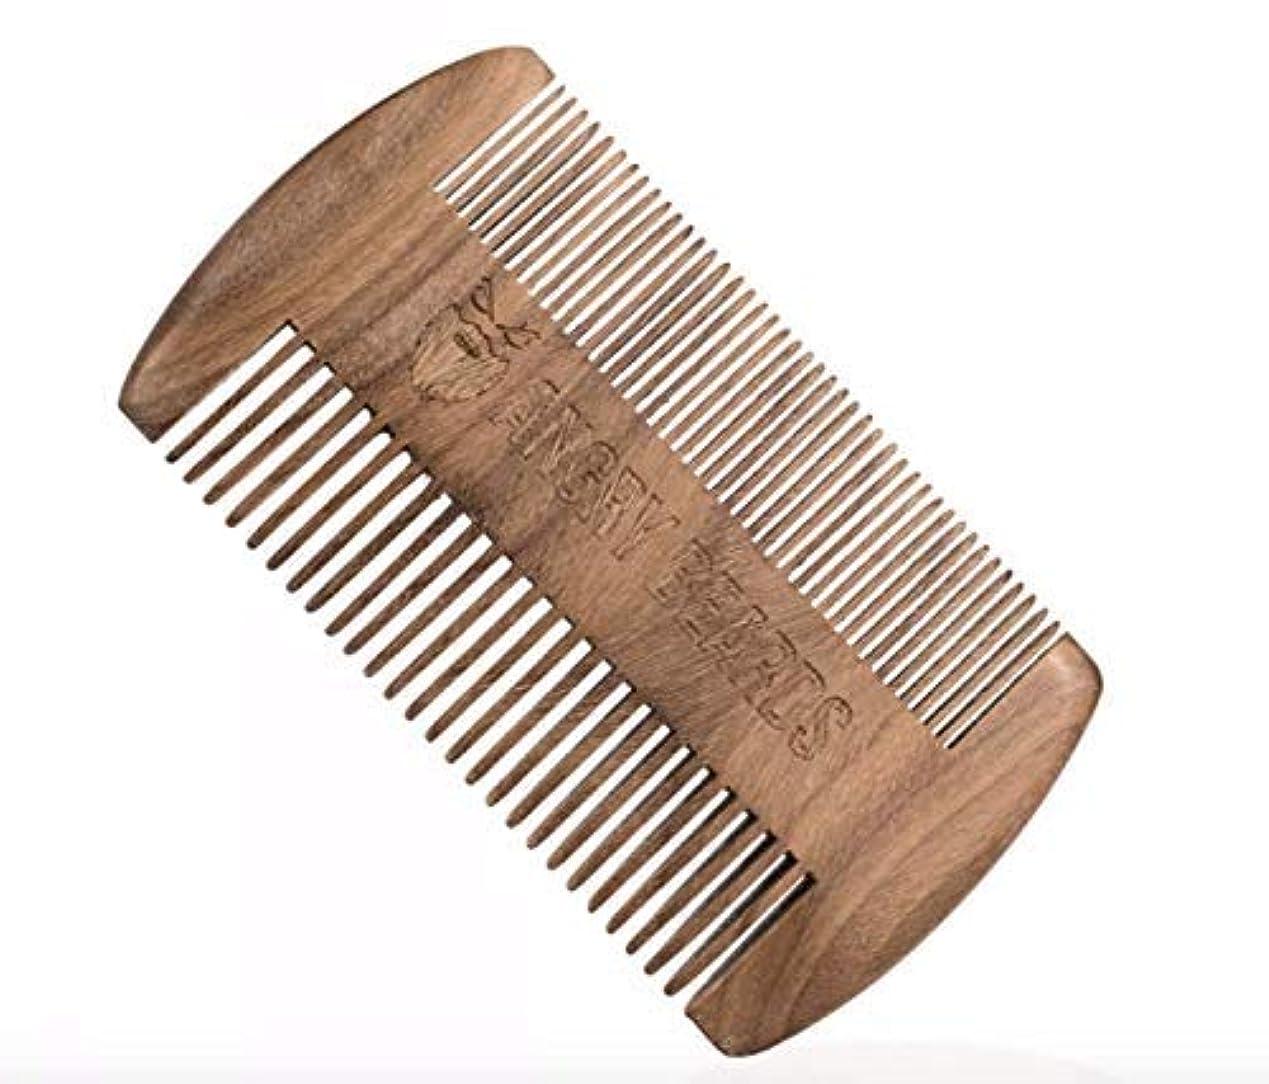 マーガレットミッチェル弁護士テーブルWooden Beard Comb 10x6cm by Angry Beards Made in Czech Republic / チェコ共和国製の怒っているひげによって木のひげの櫛10 x 6 cm